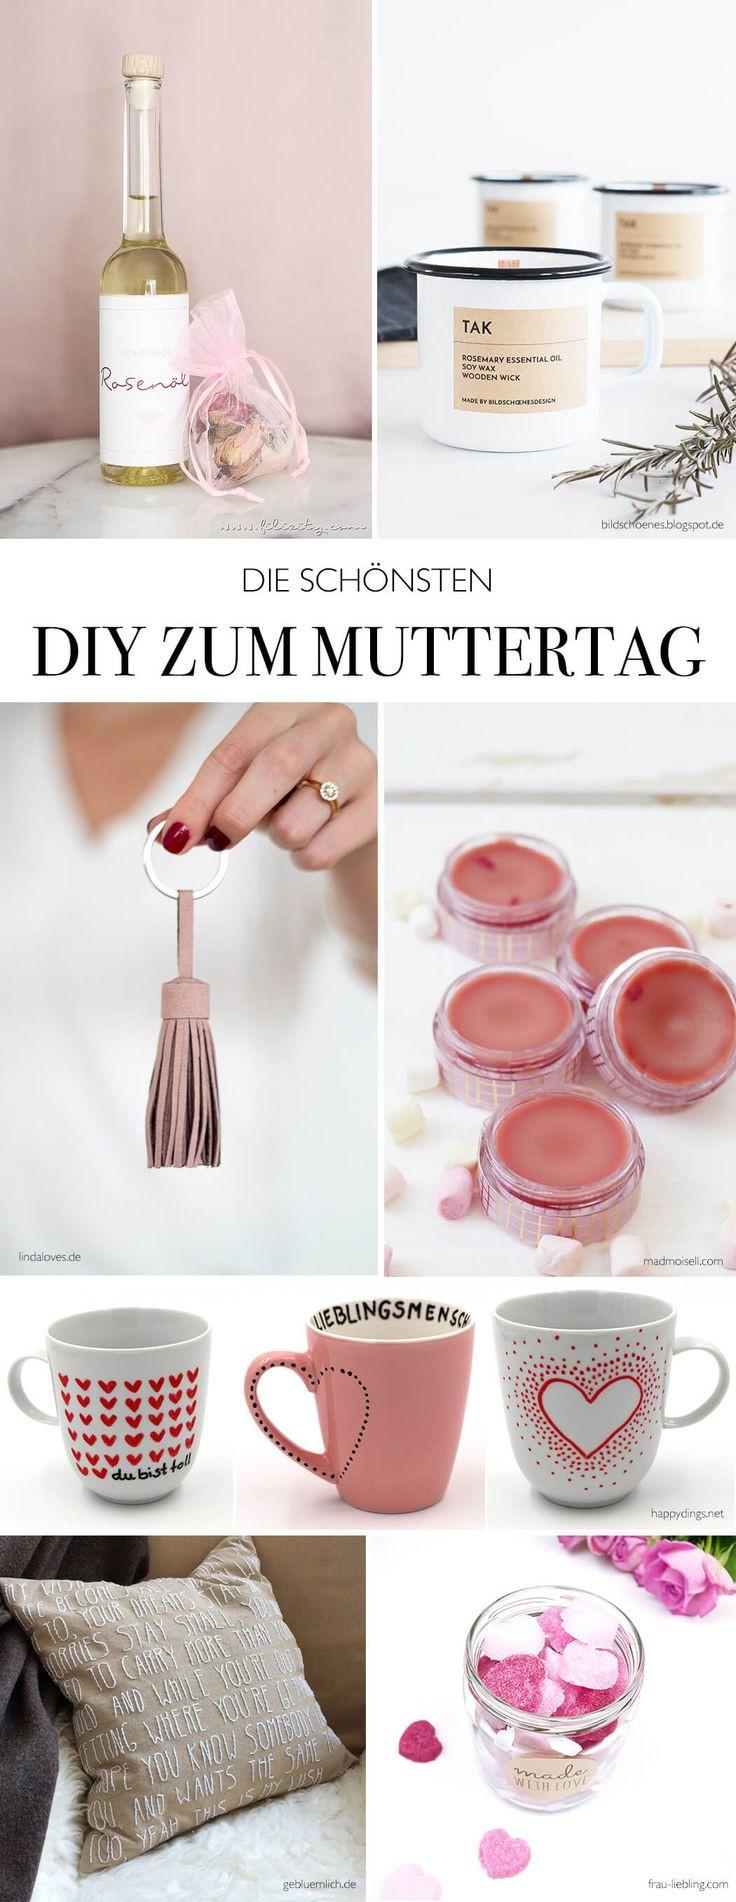 Diy Geschenke Für Mama  Die 25 besten Ideen zu Muttertagsideen auf Pinterest